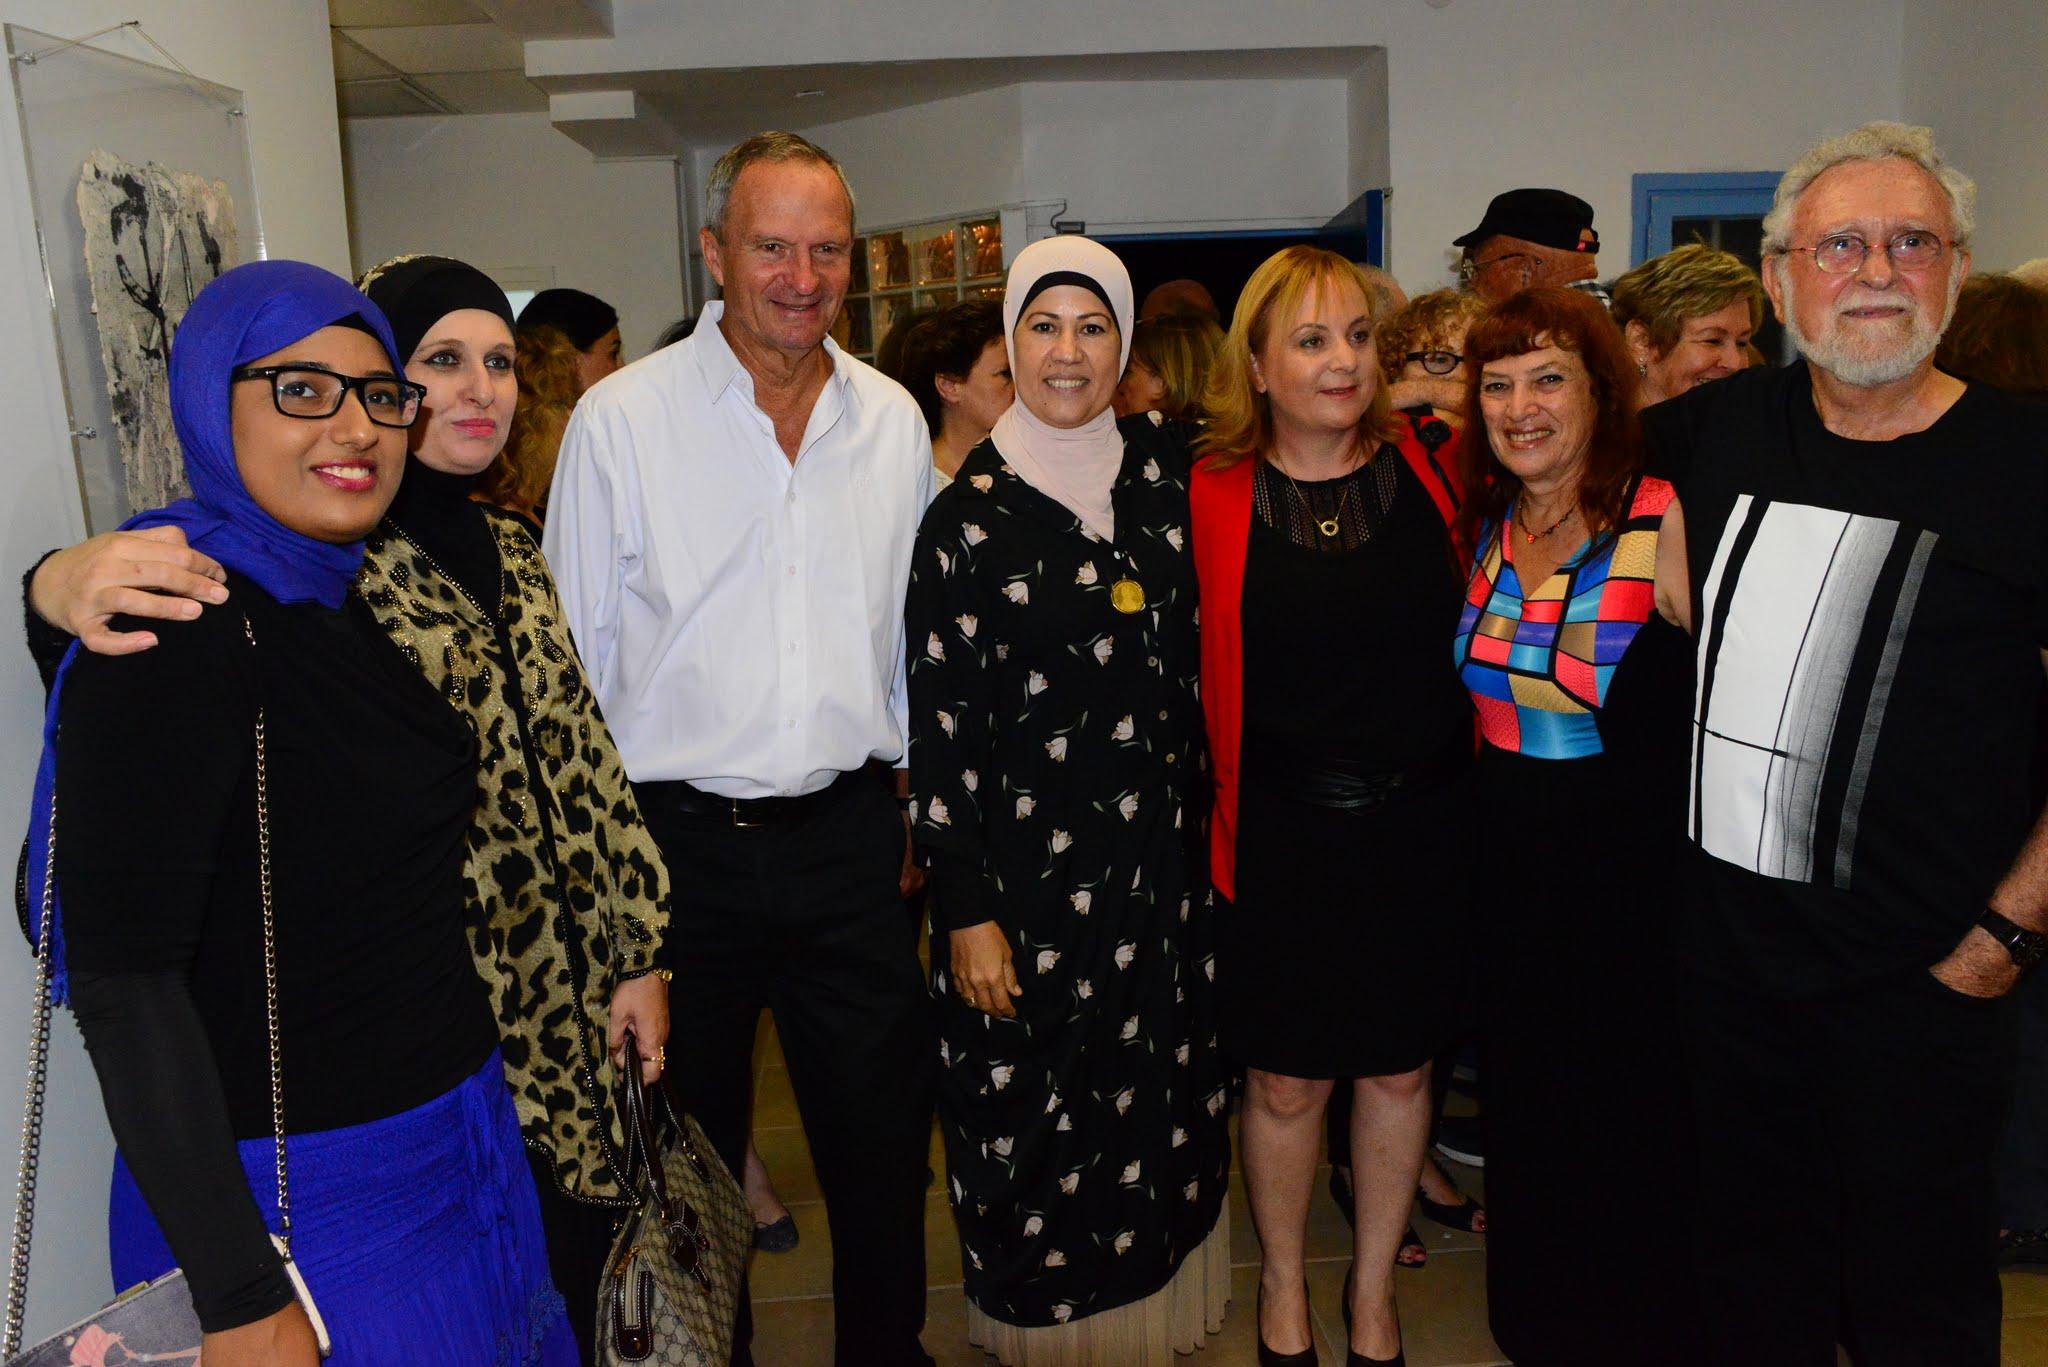 ראש העיר מר זאב ביילסקי עם סגניתו  רונית וינטראוב ואורחות מהעיר טירה